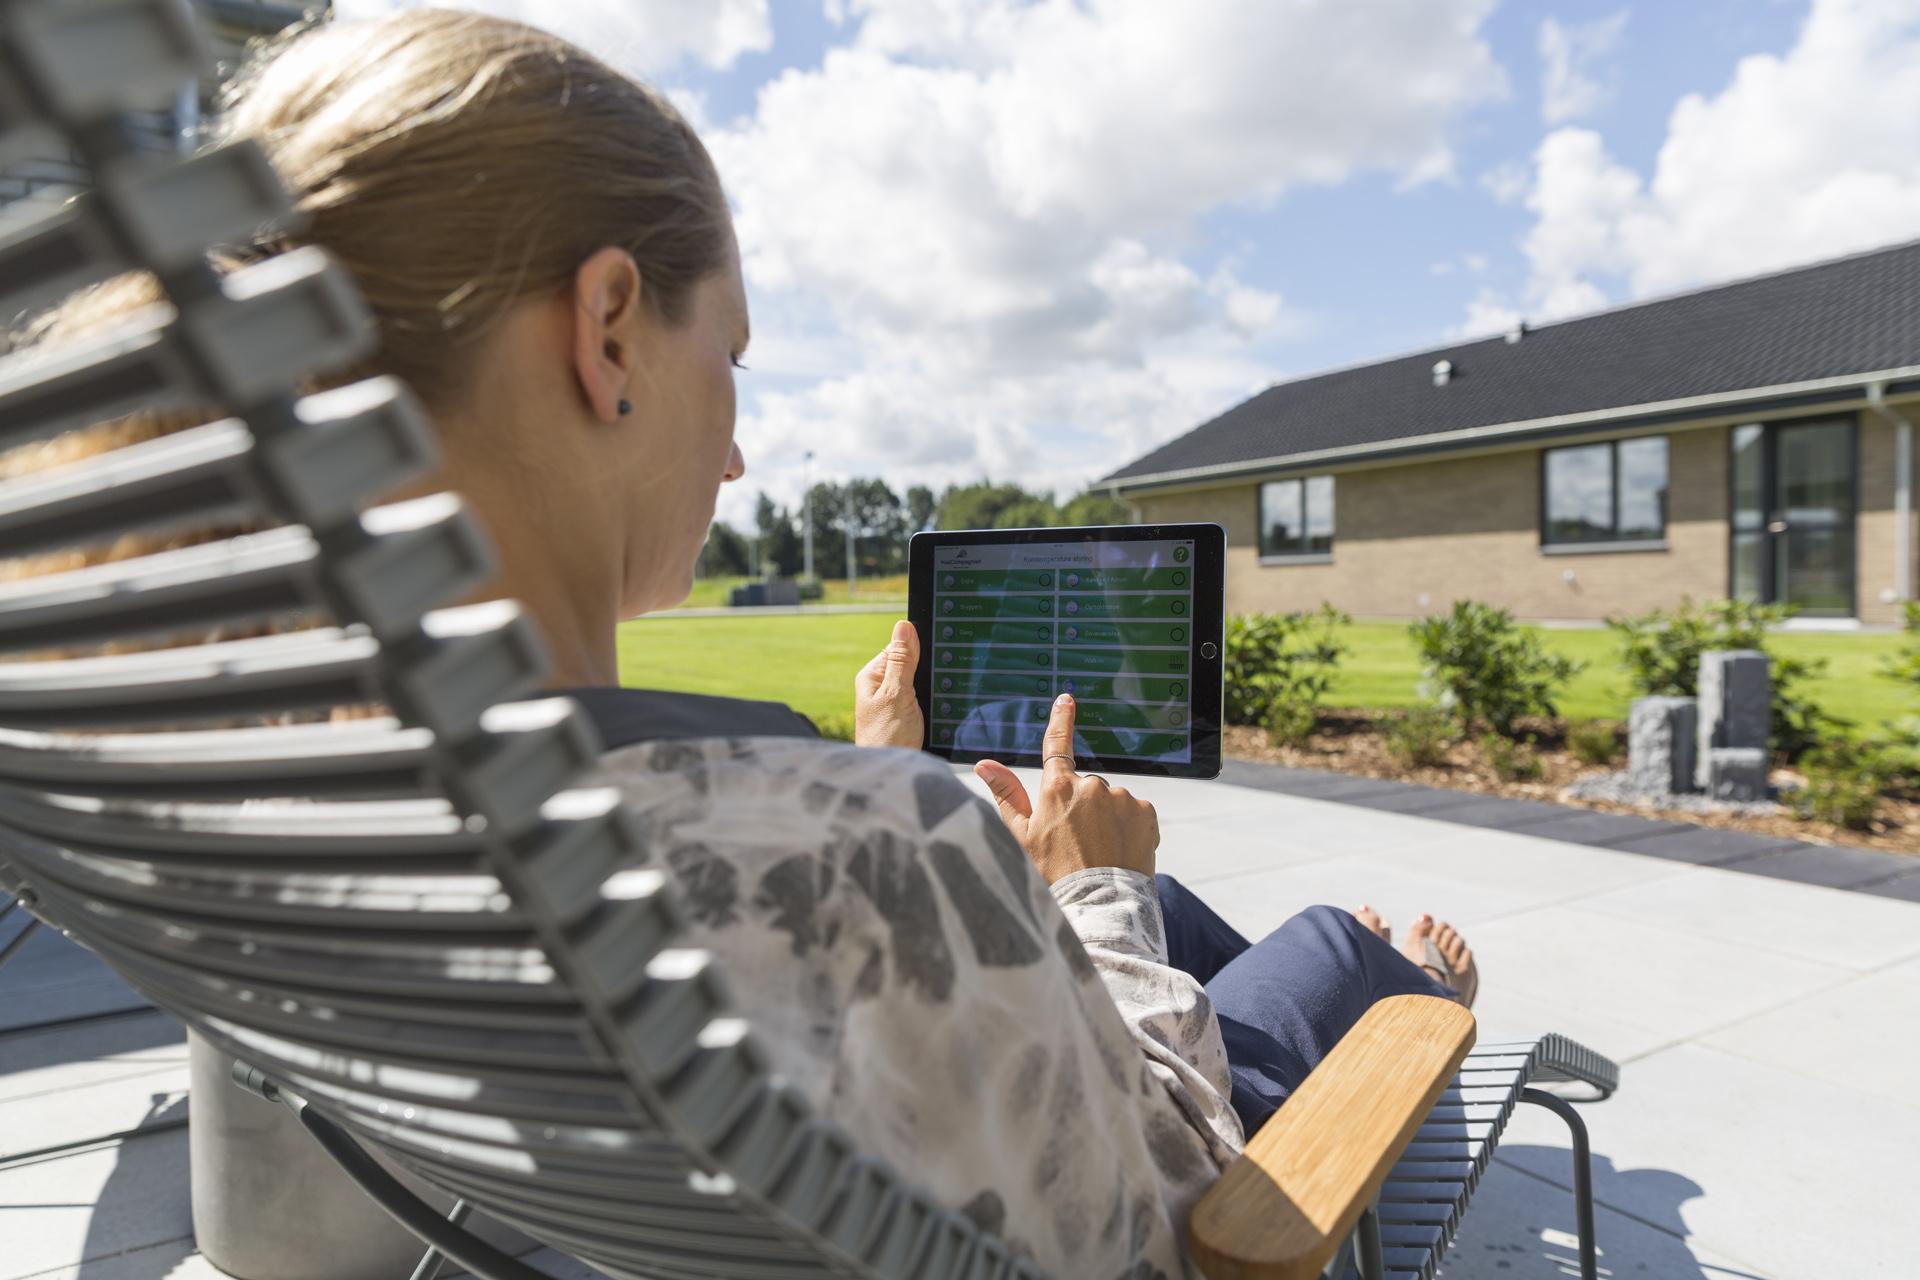 Danskerne overser effektive muligheder for energioptimering